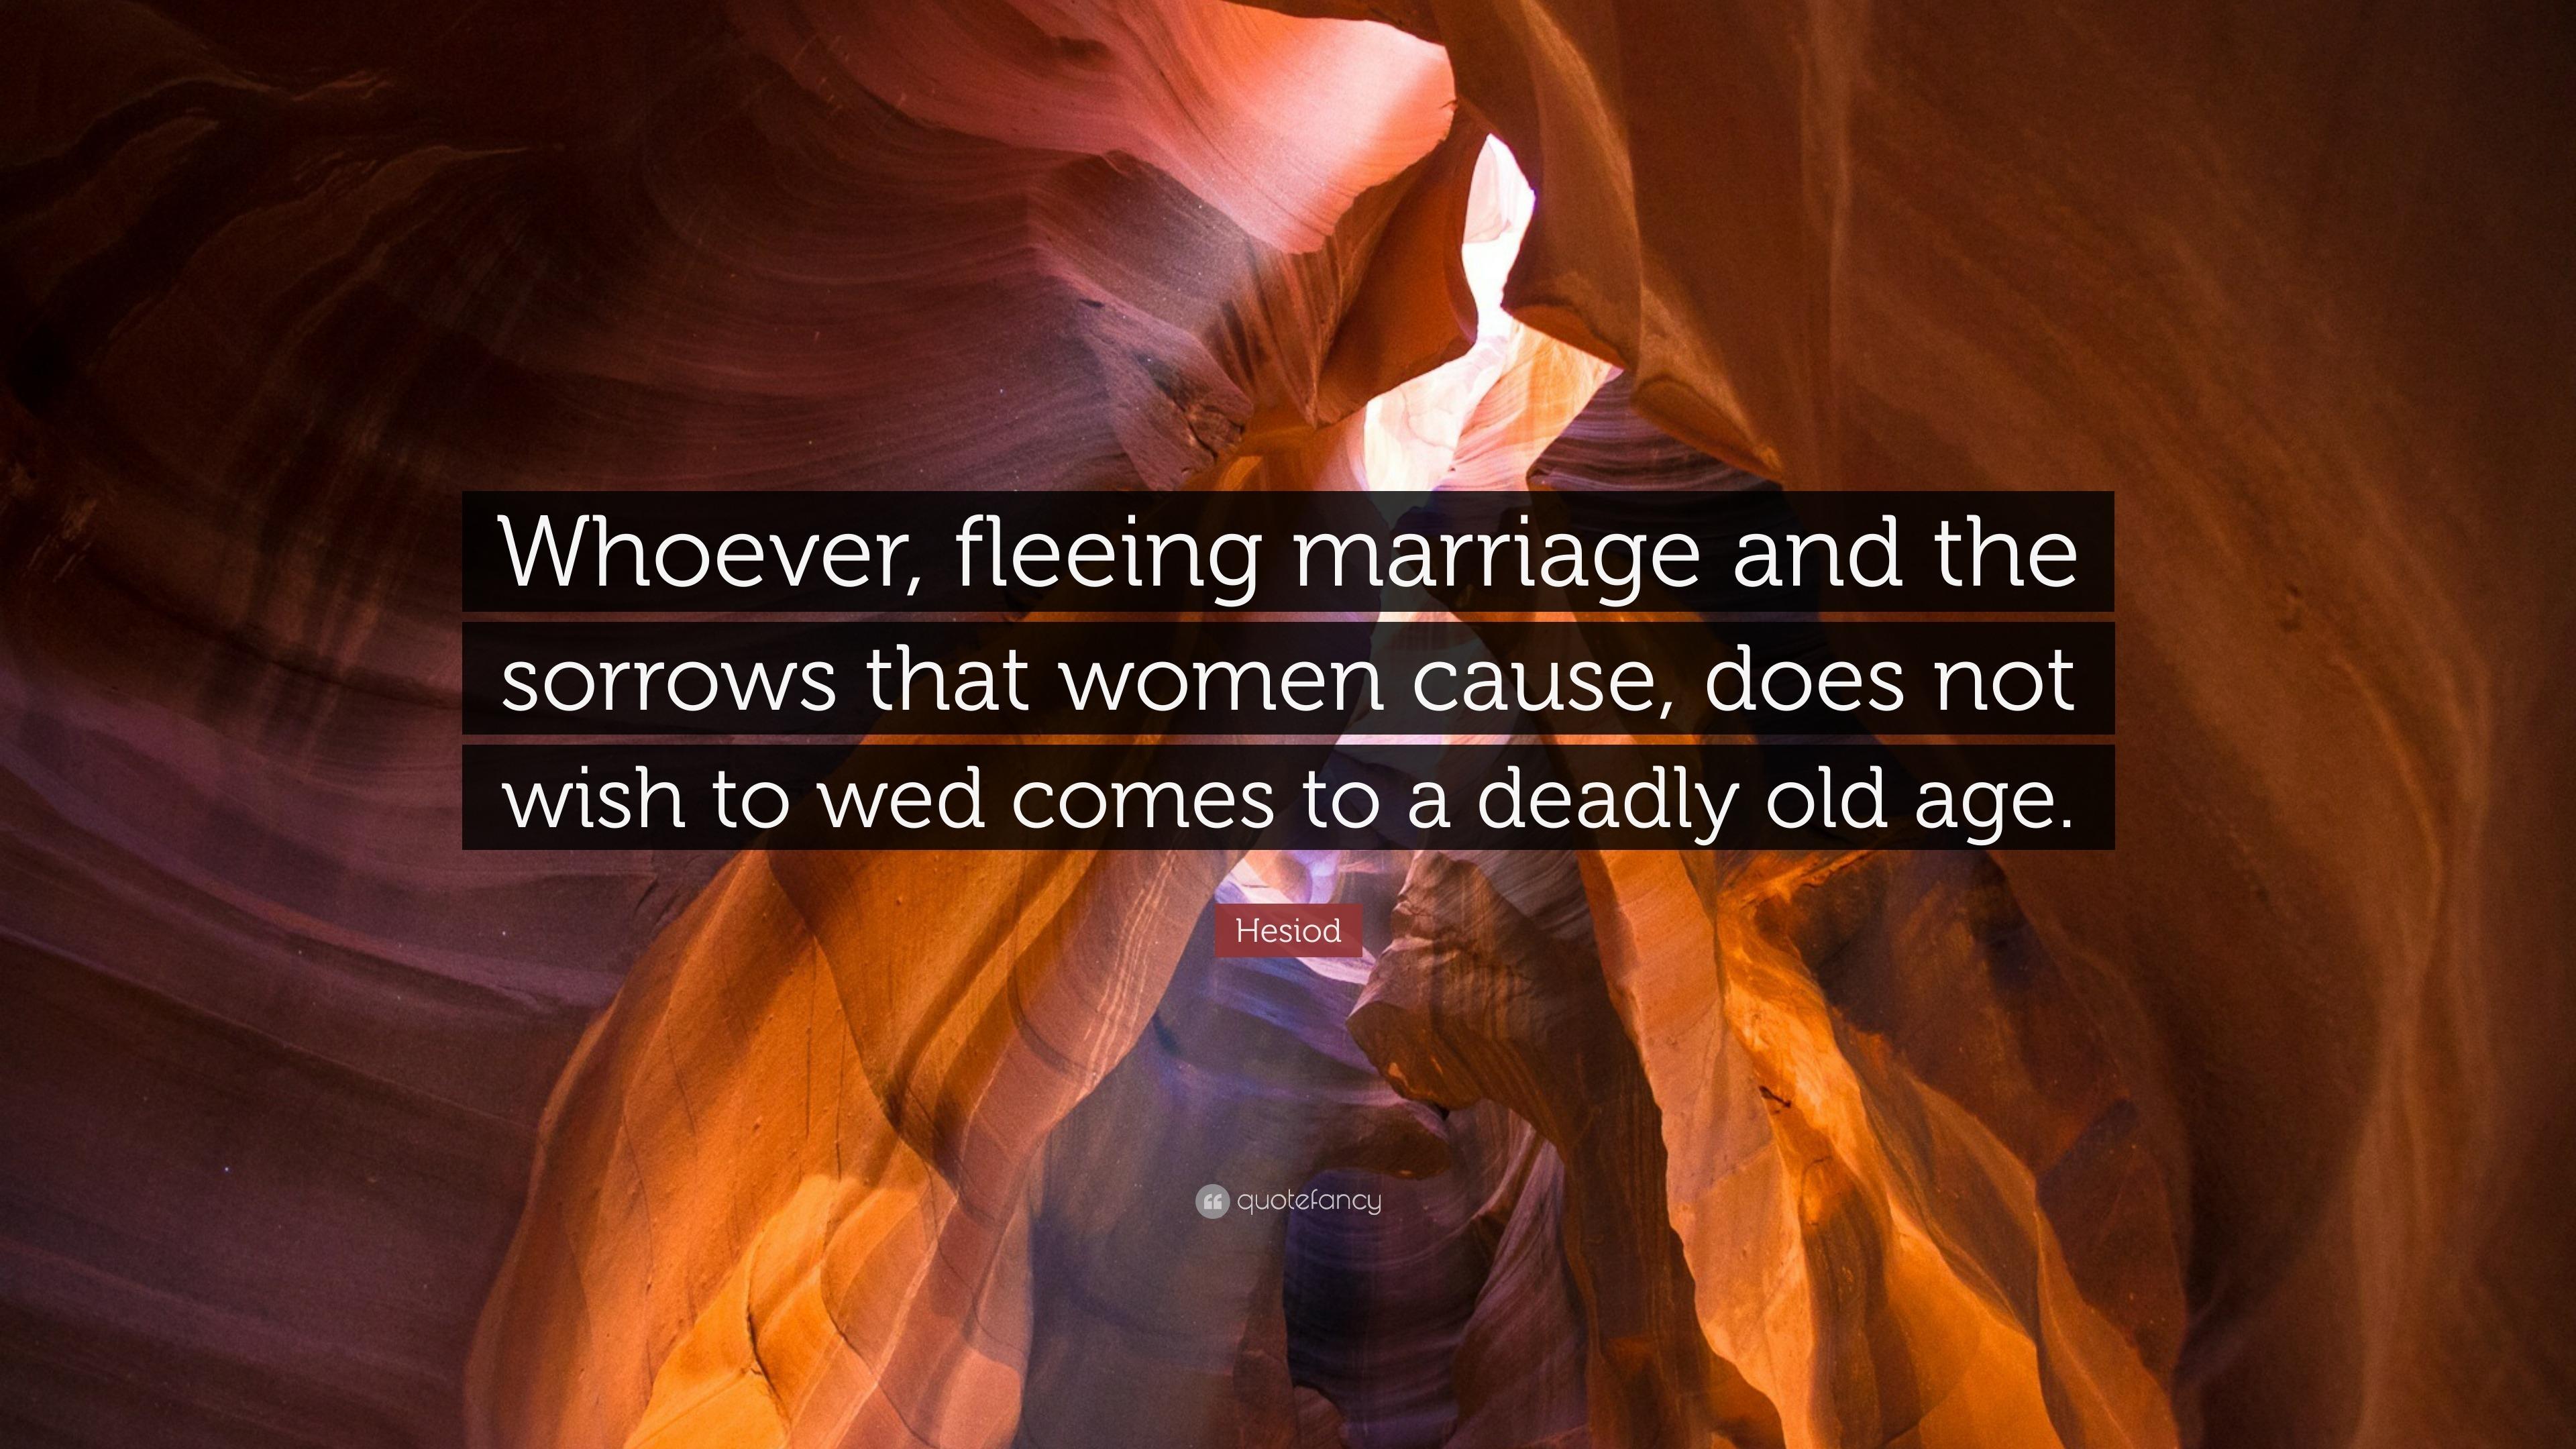 hesiod women